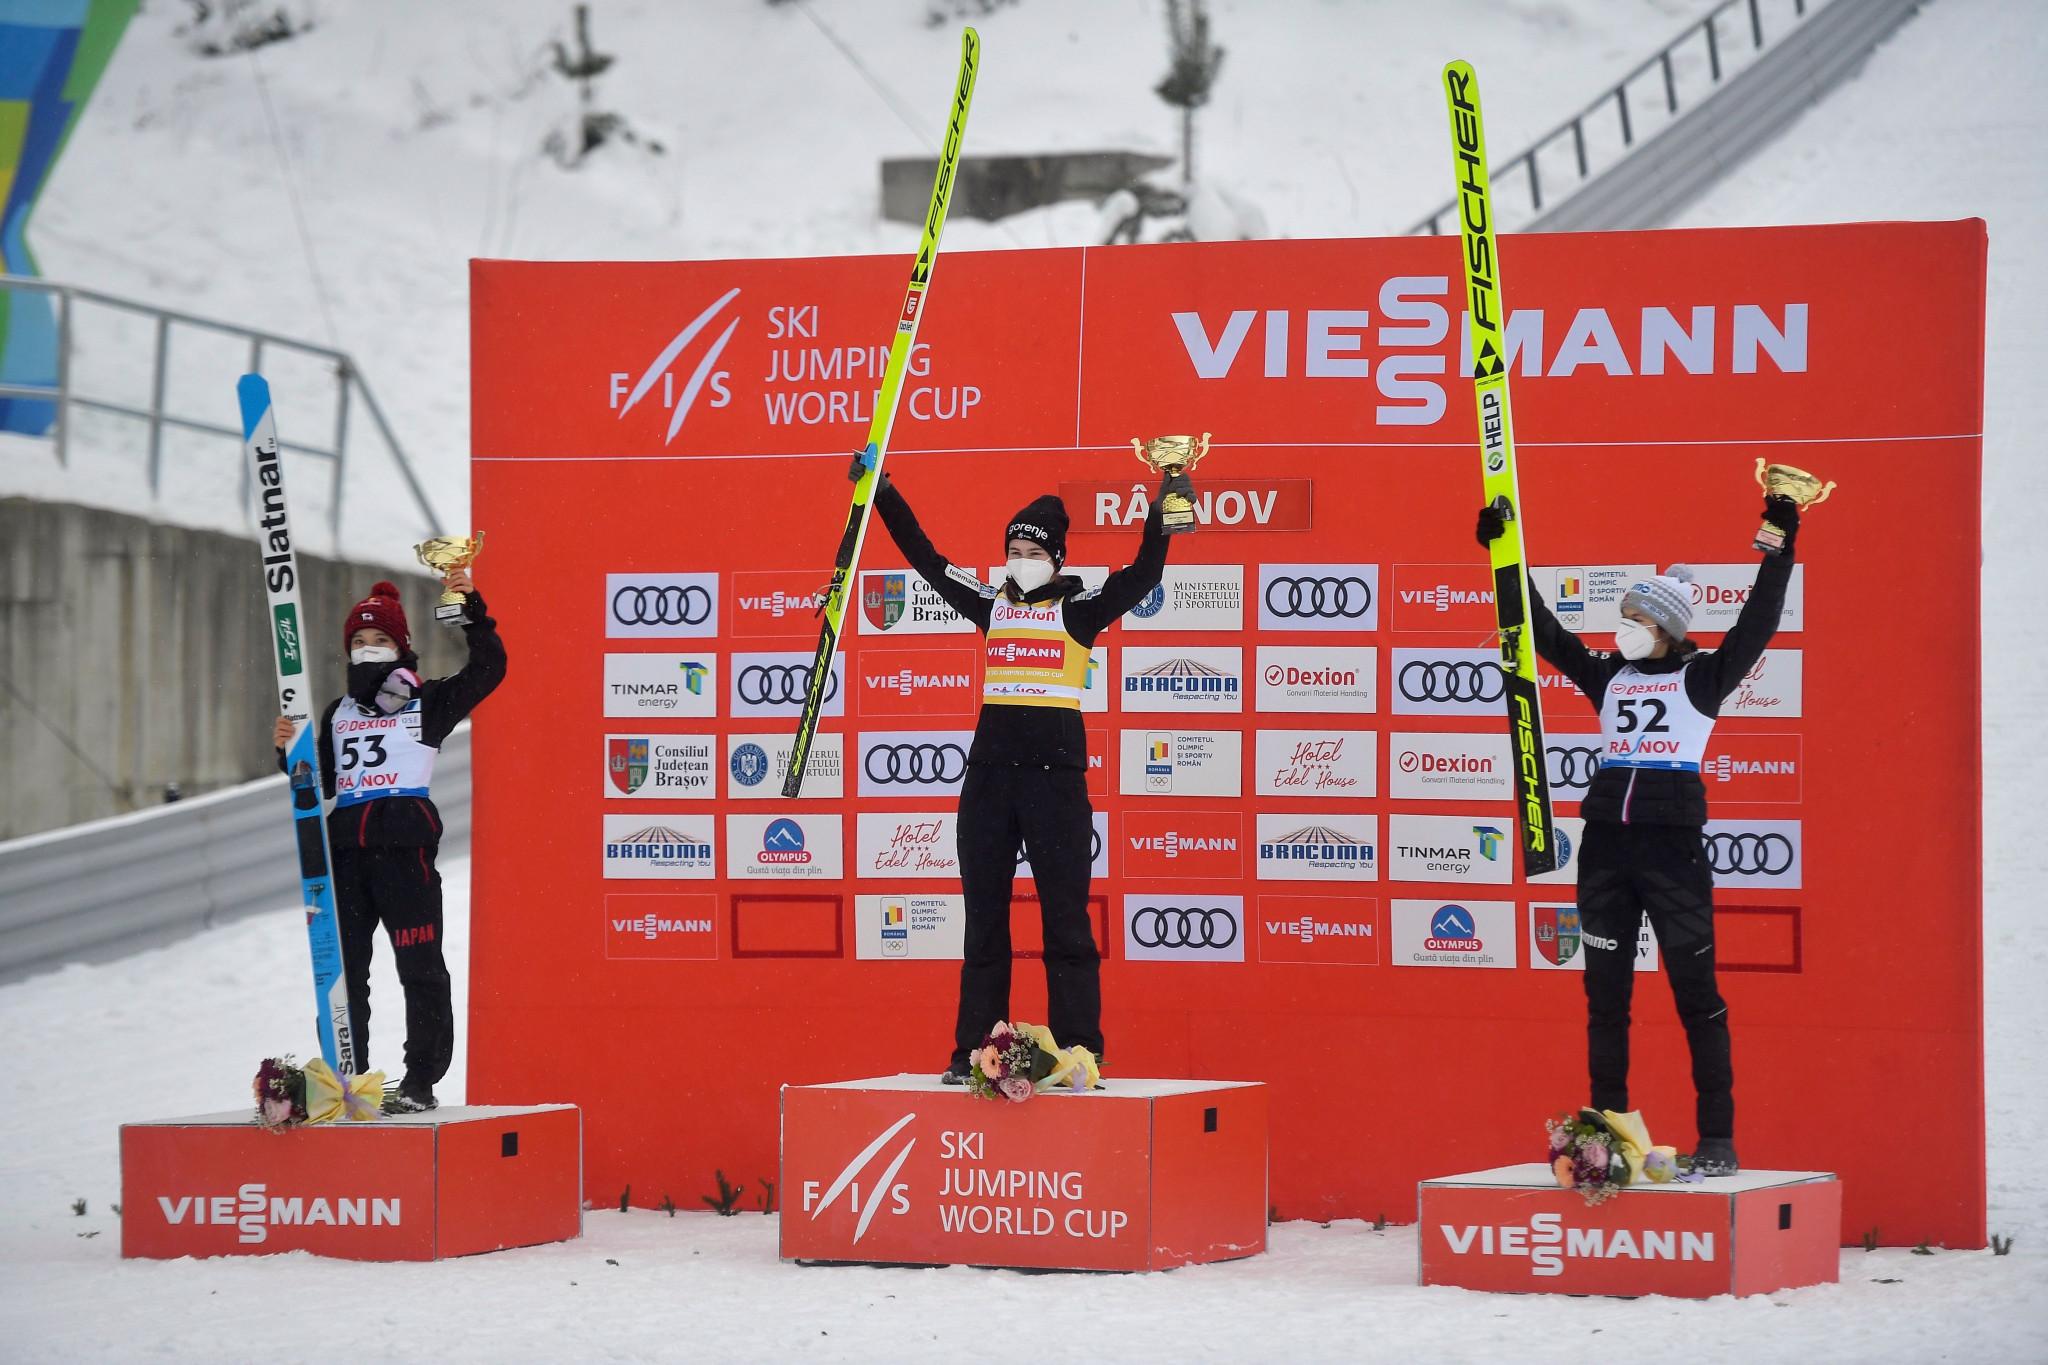 Križnar wins first Ski Jumping World Cup in Râșnov after faulty COVID-19 test sidelines leader Kramer